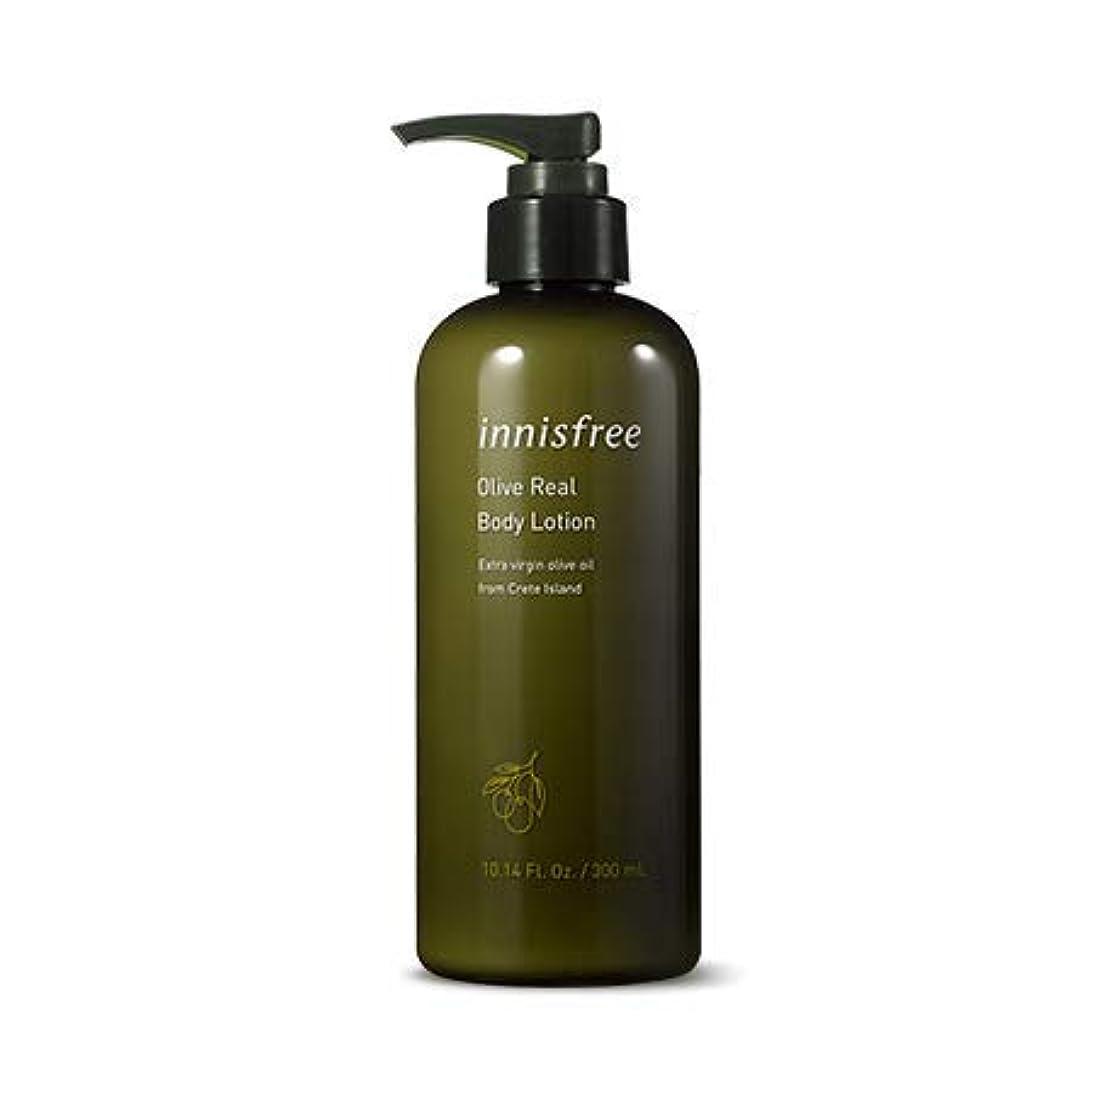 シェアアイスクリームウッズ[イニスフリー.innisfree]オリーブリアルボディーローション300mL/ Olive Real Body Lotion_オリーブが含まれて深い保湿を伝えると保湿ボディローション